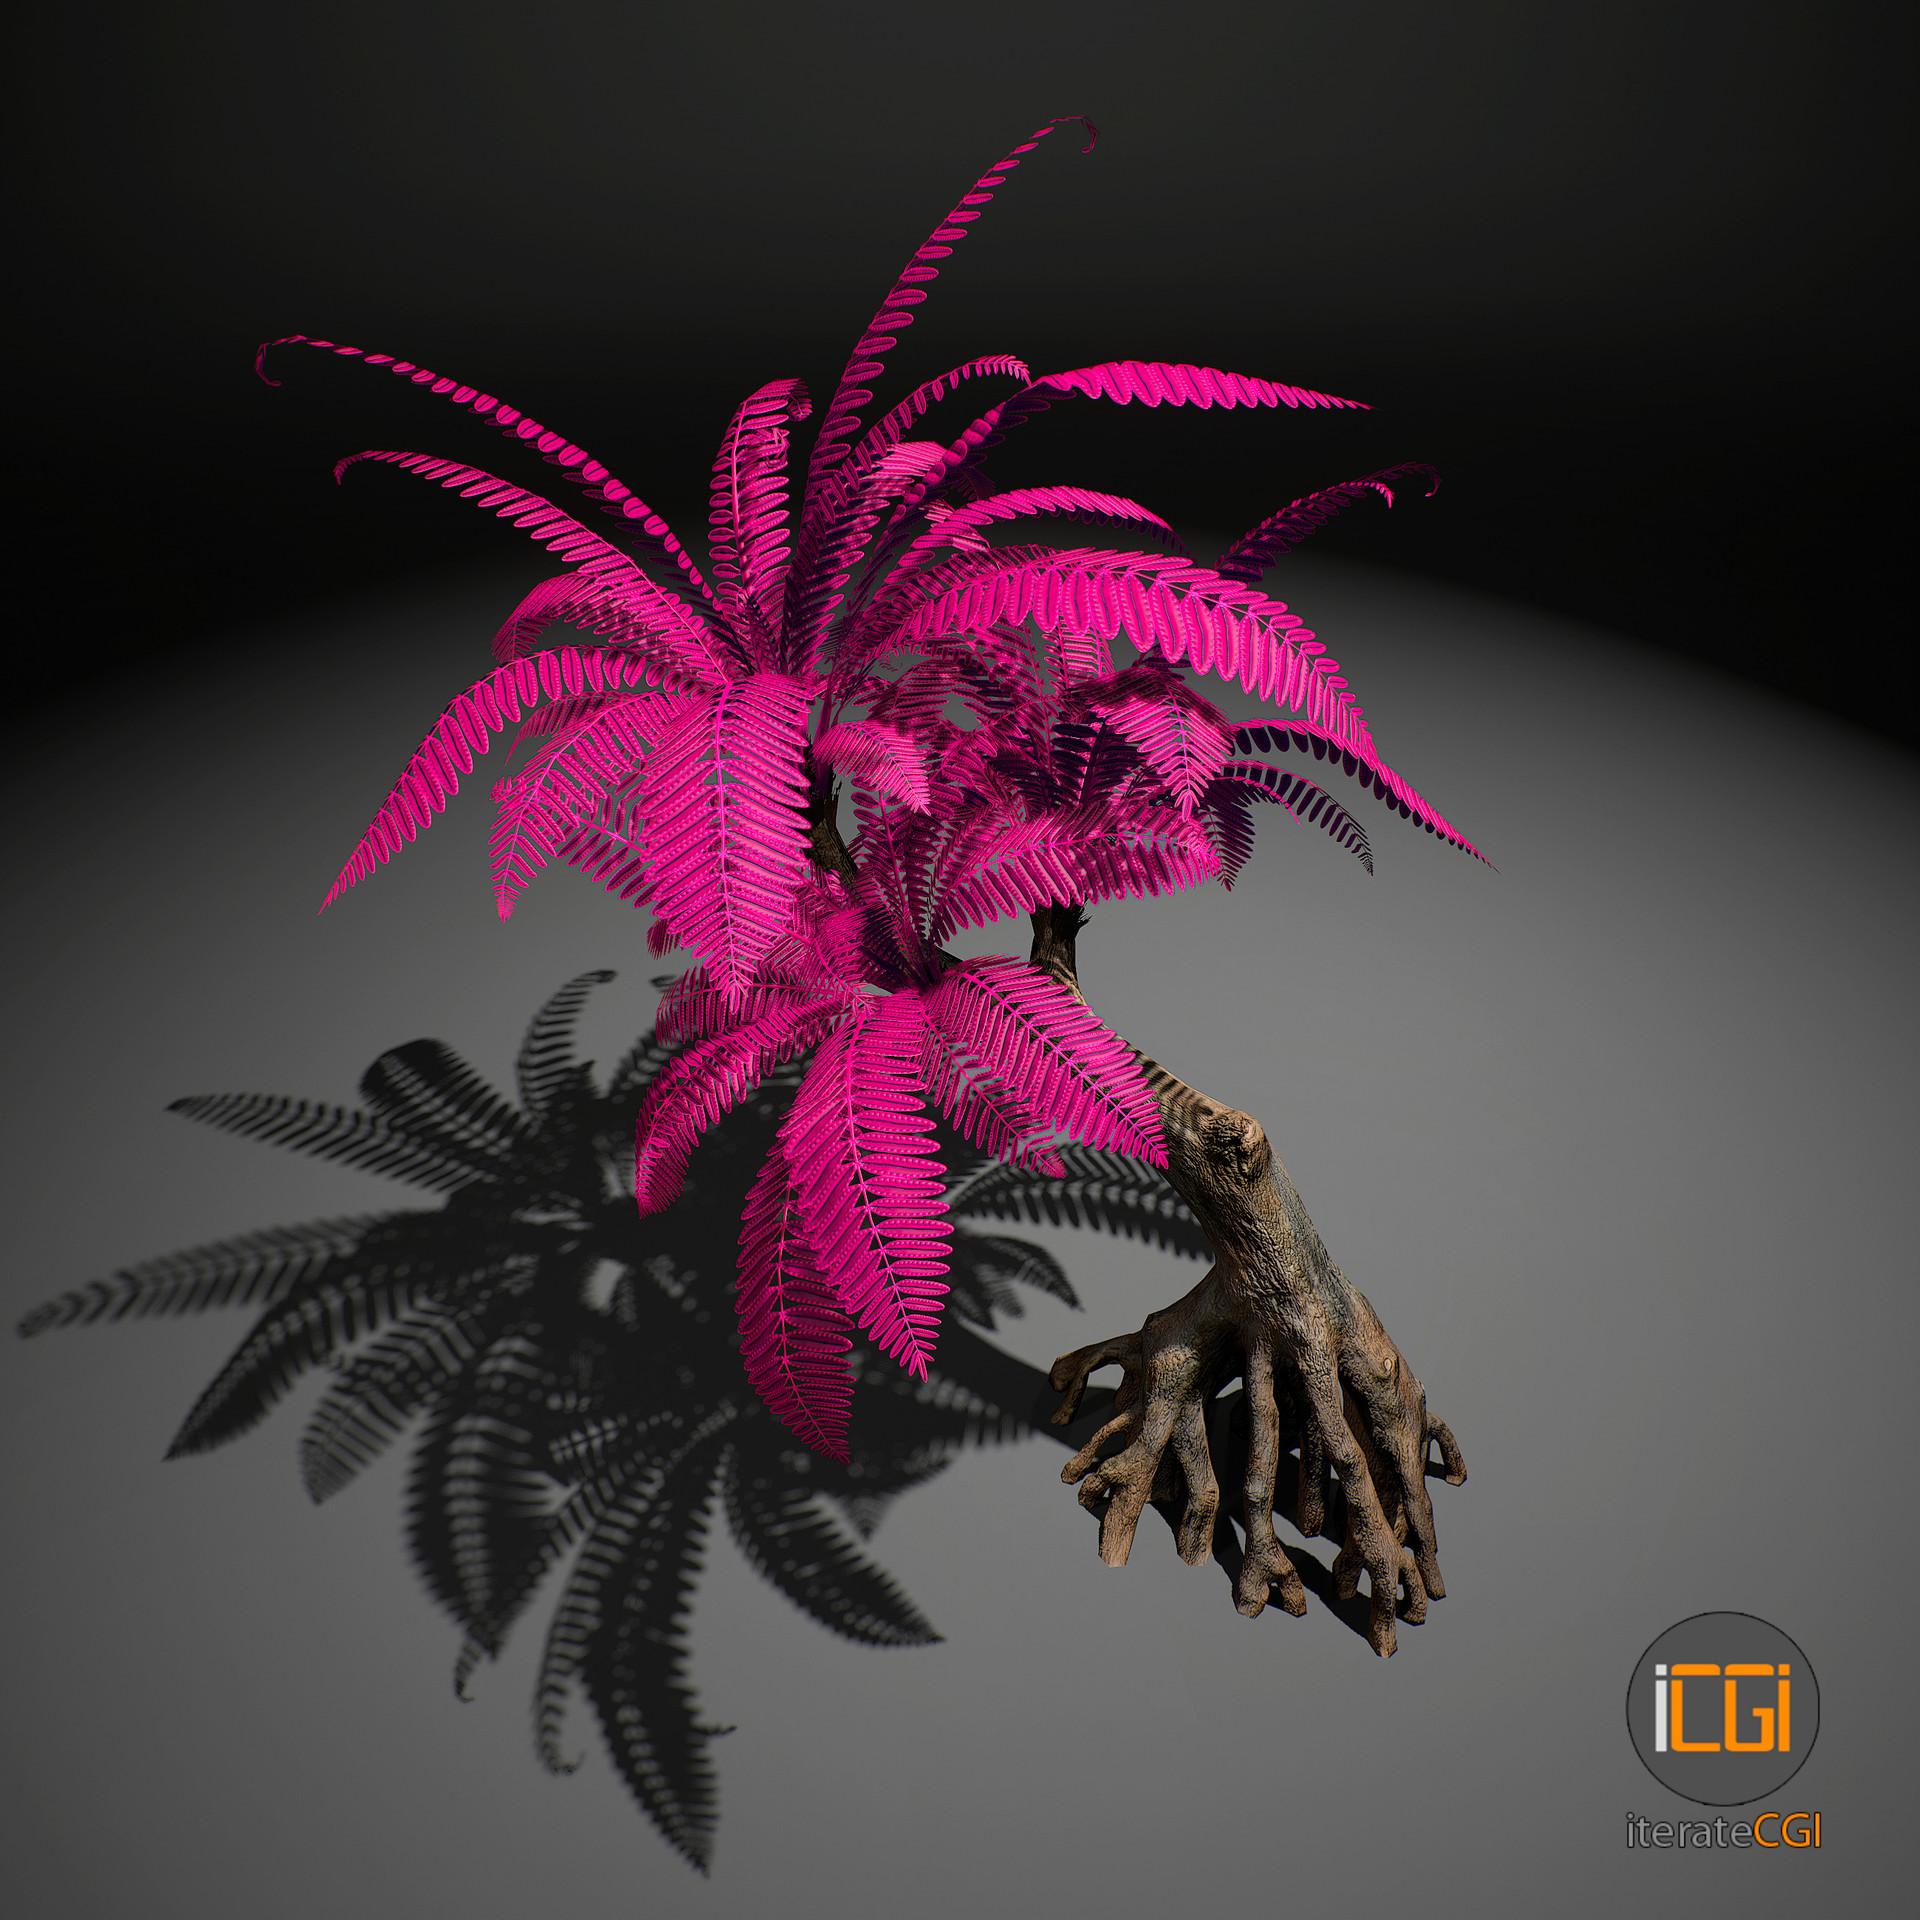 Johan de leenheer alien plant 25 24